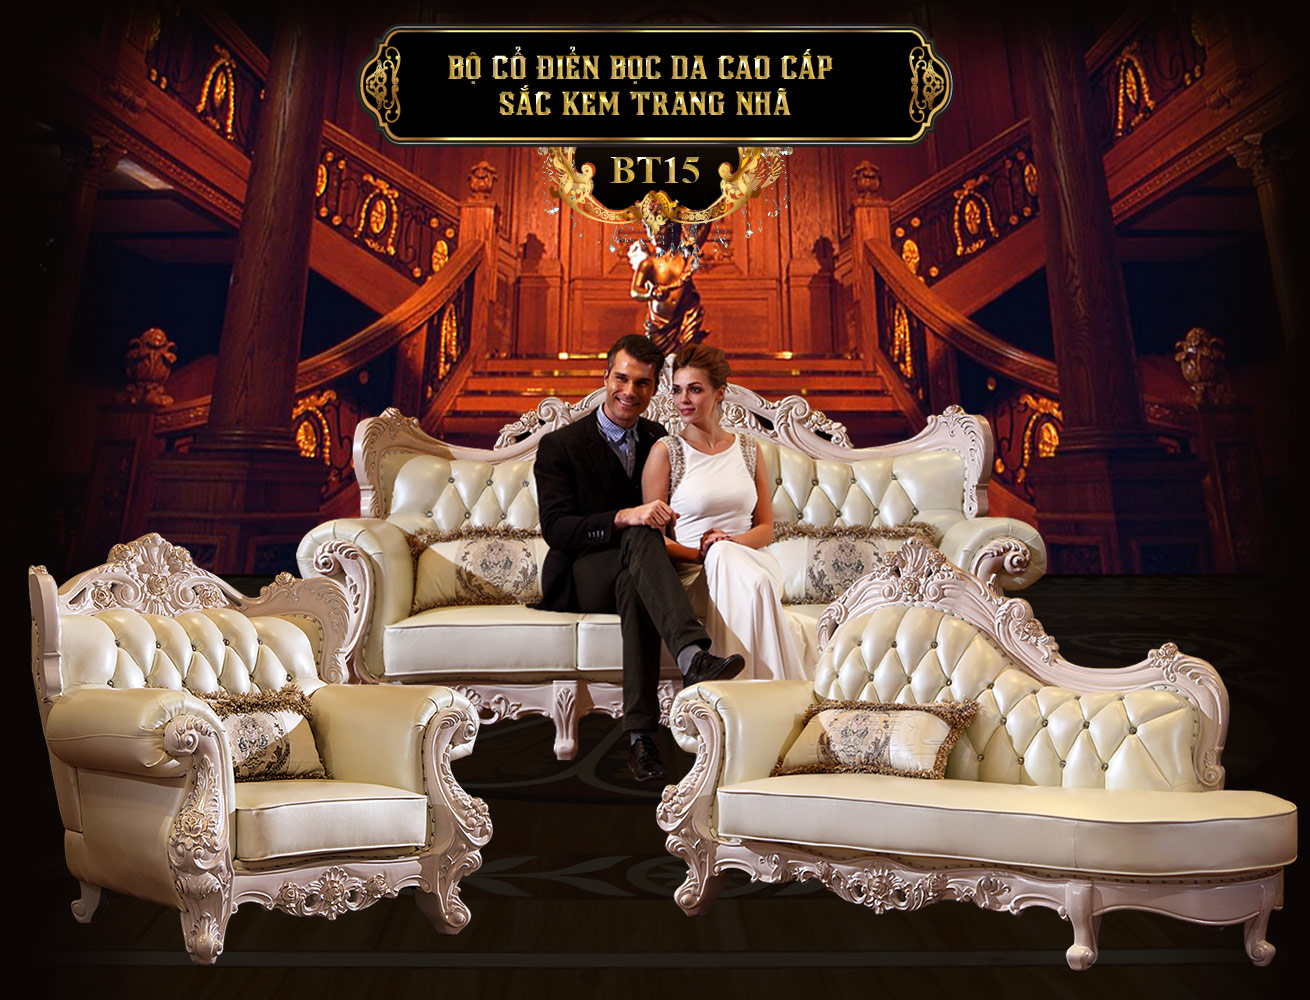 Bộ sưu tập bàn ghế sofa tân cổ điển châu âu hoàng gia đẹp